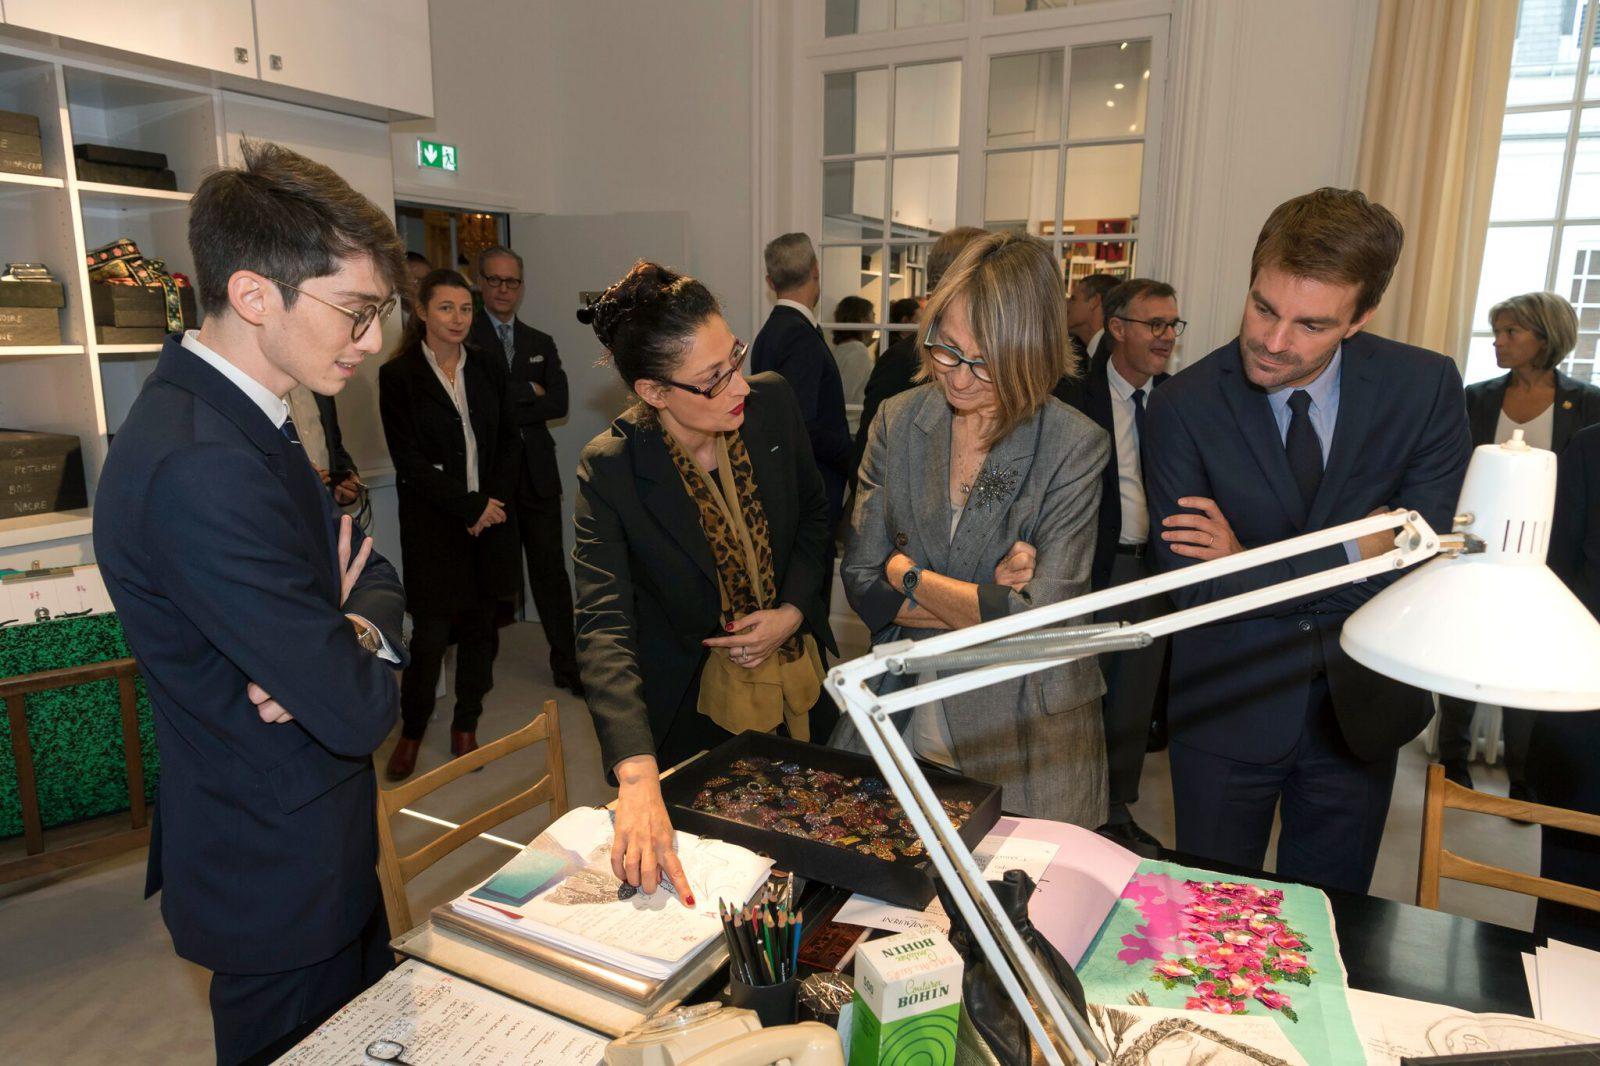 Musée Yves Saint Laurent Paris Inauguration octobre 2017 / Luc Castel